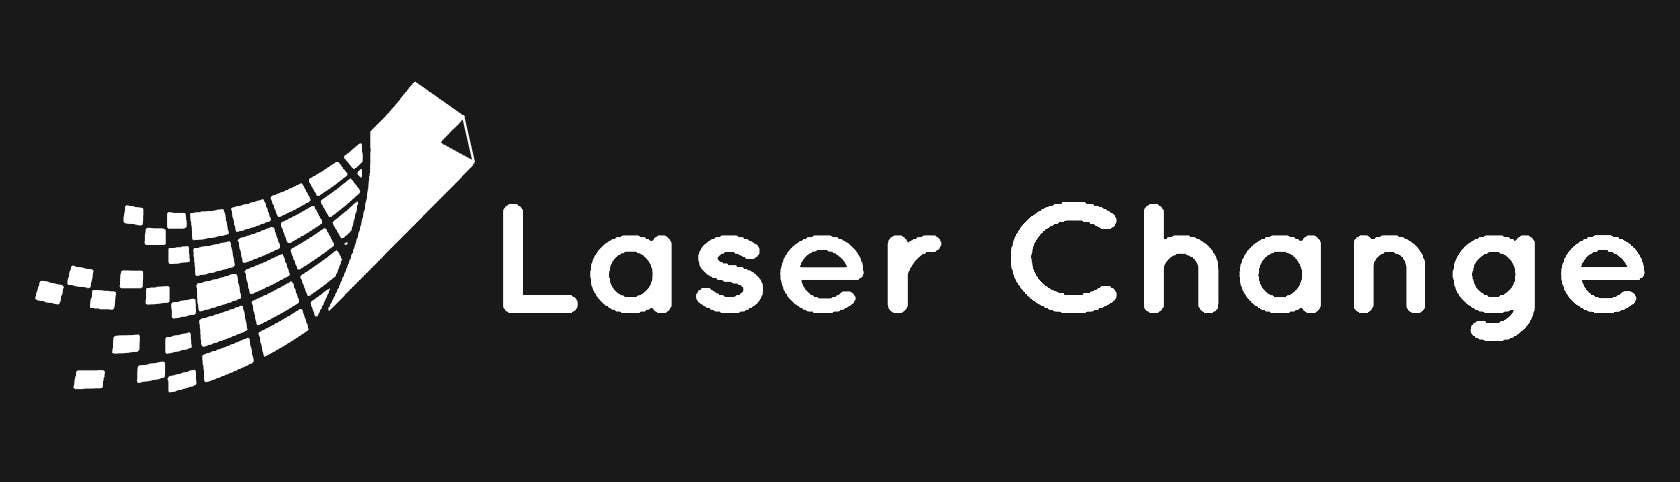 Inscrição nº 188 do Concurso para Design a Logo for Laser Change